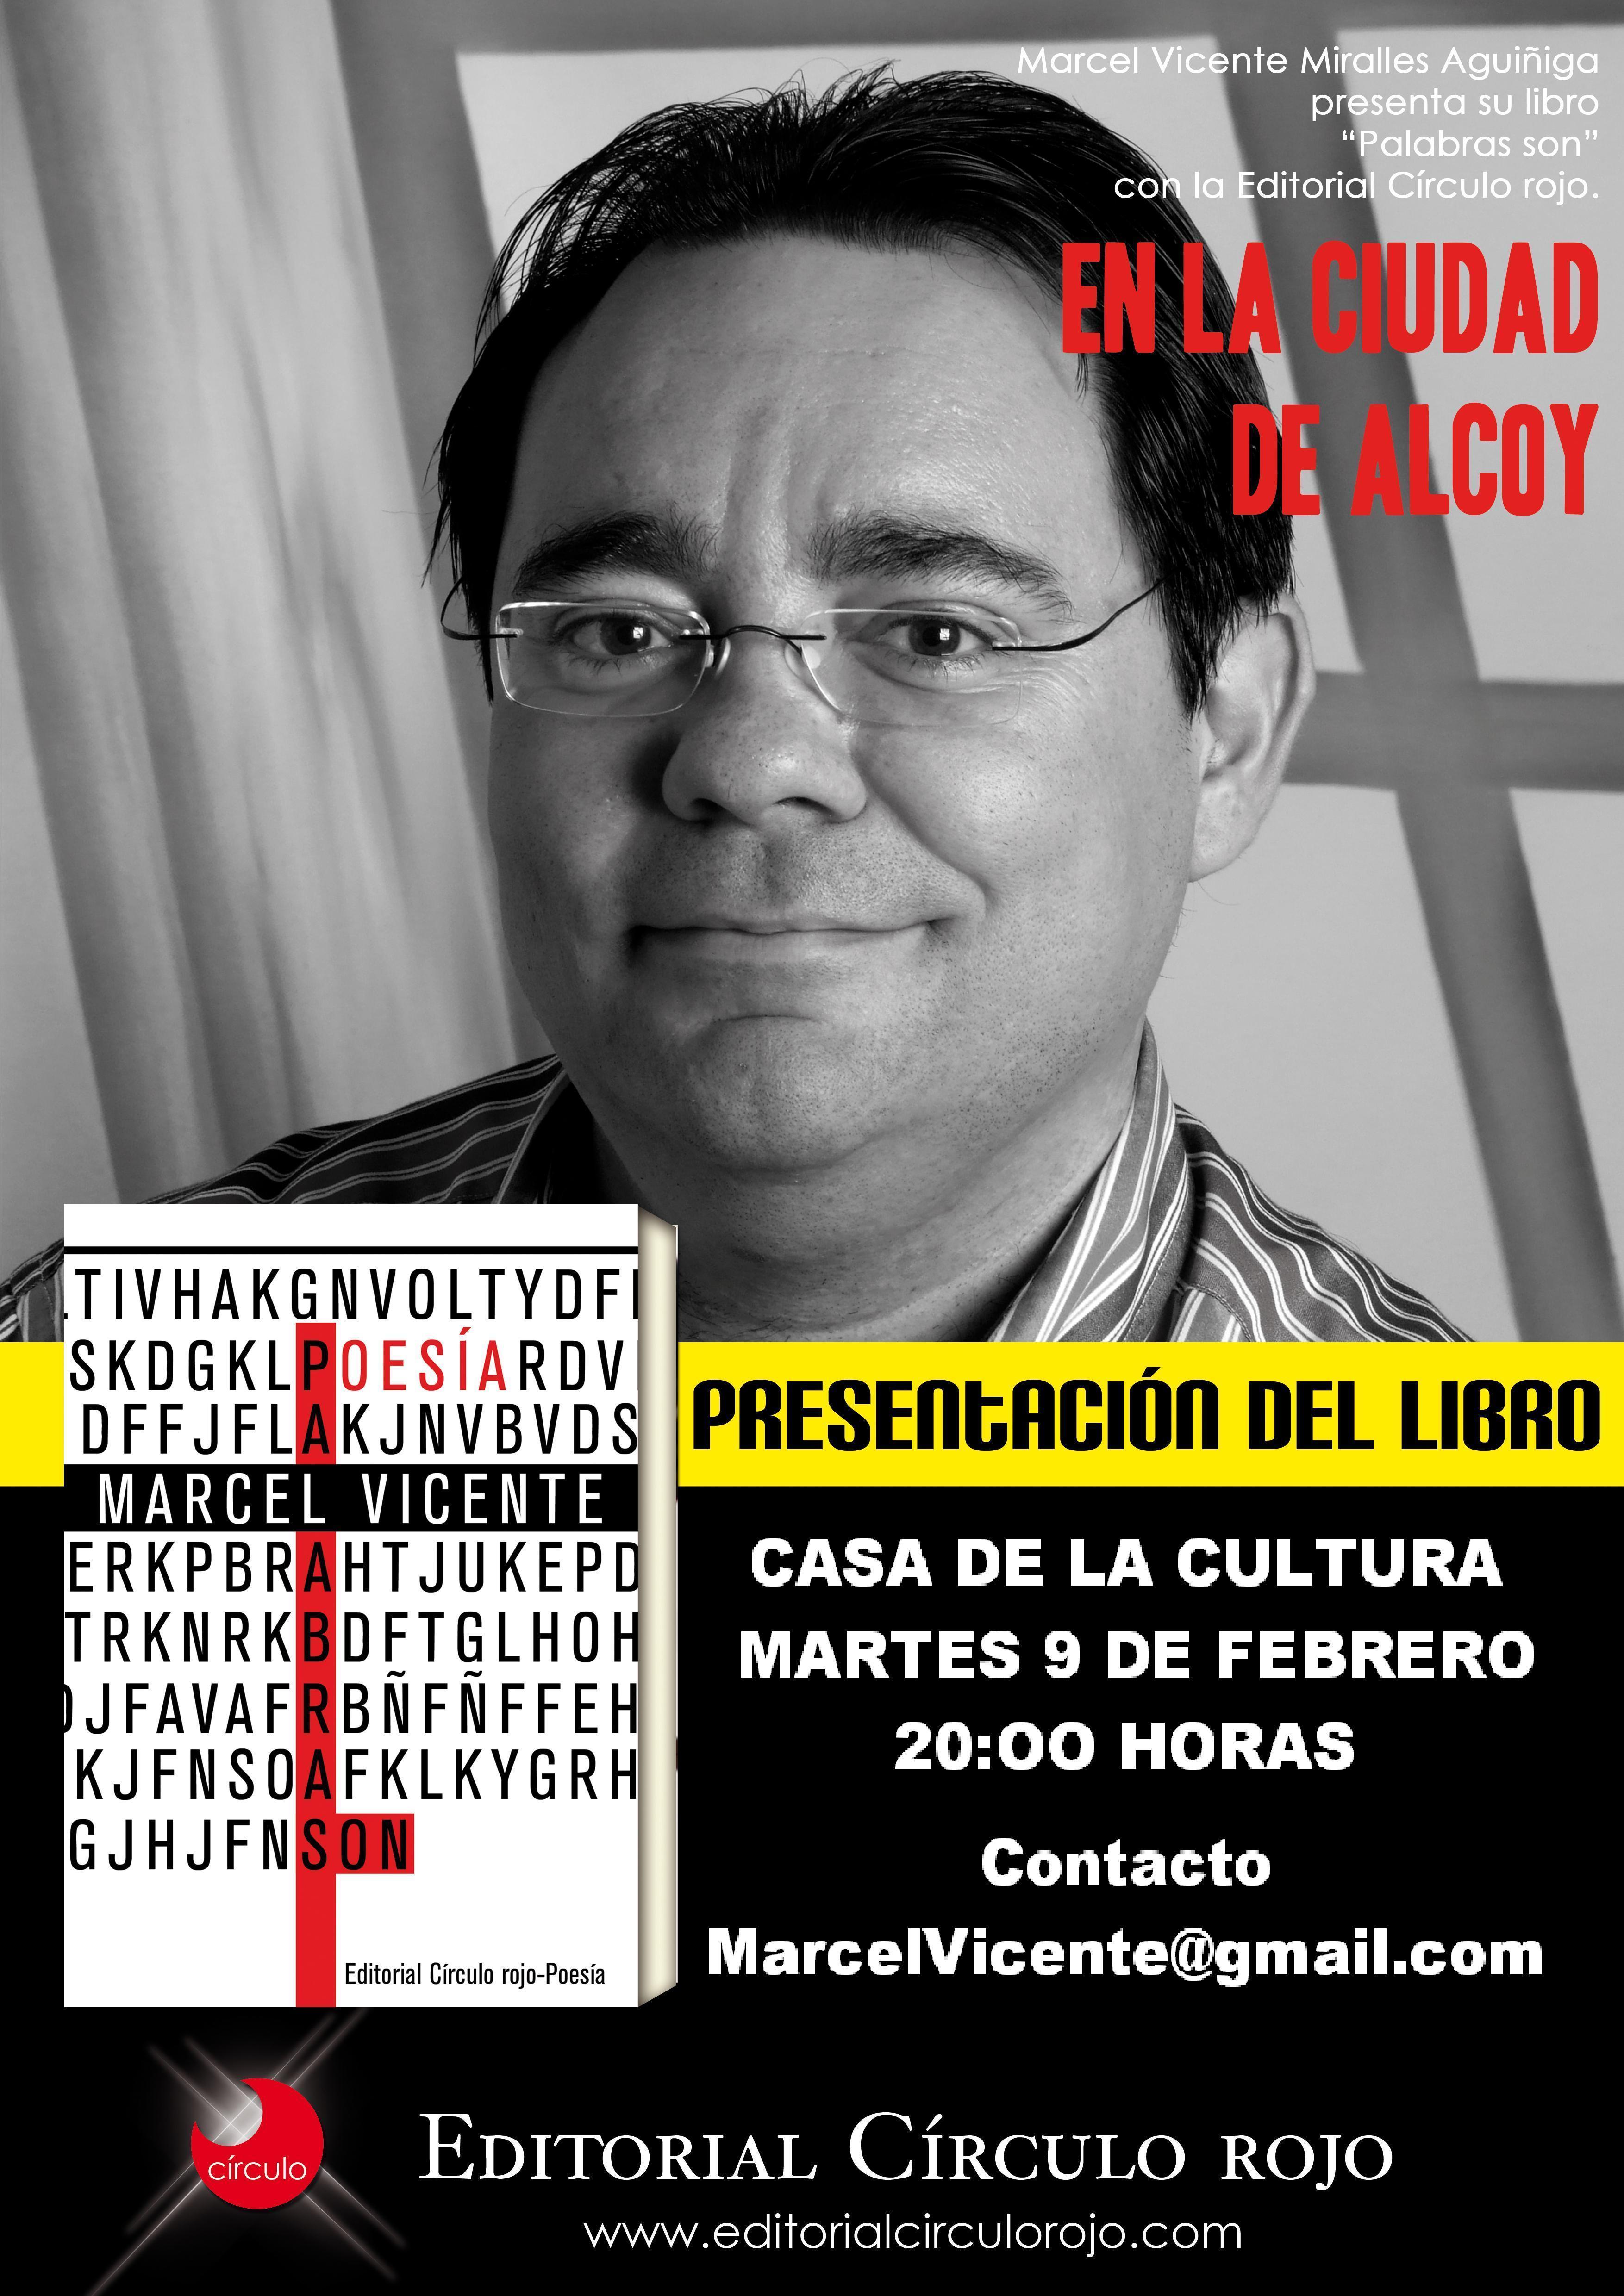 956x1440 gallerynova.y 956x1440 gallerynova.y Related To Poemas Declamados Poesia Recitada Y Algo  Mas